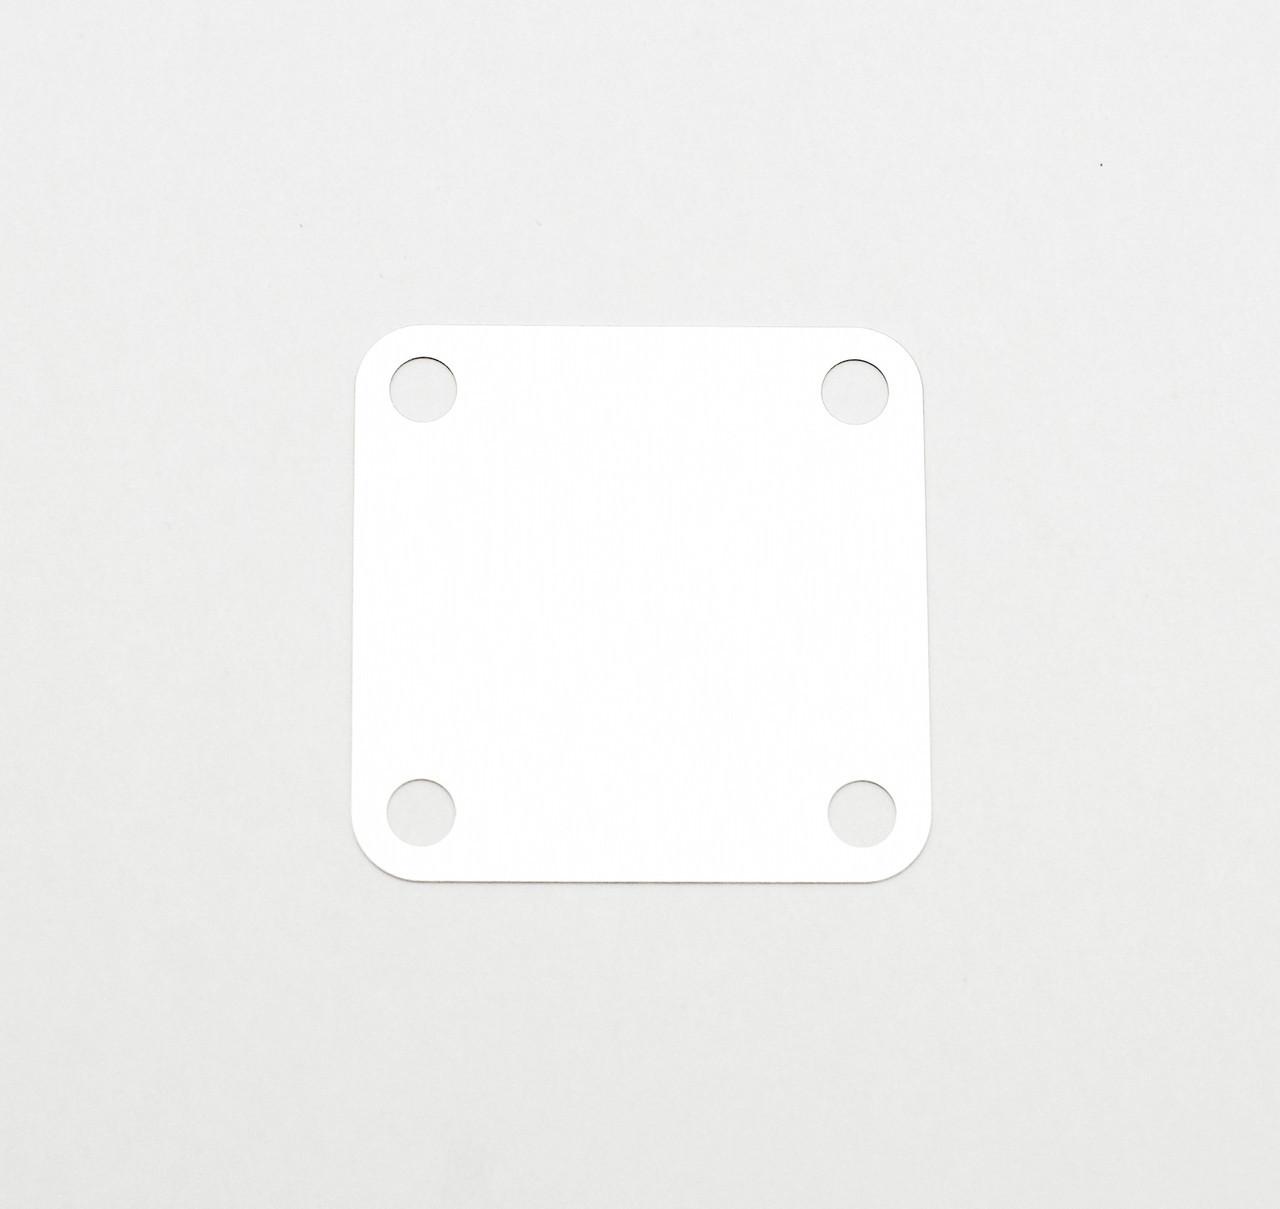 Крышка клапана отсечки топлива Cummins L10 Series 129839